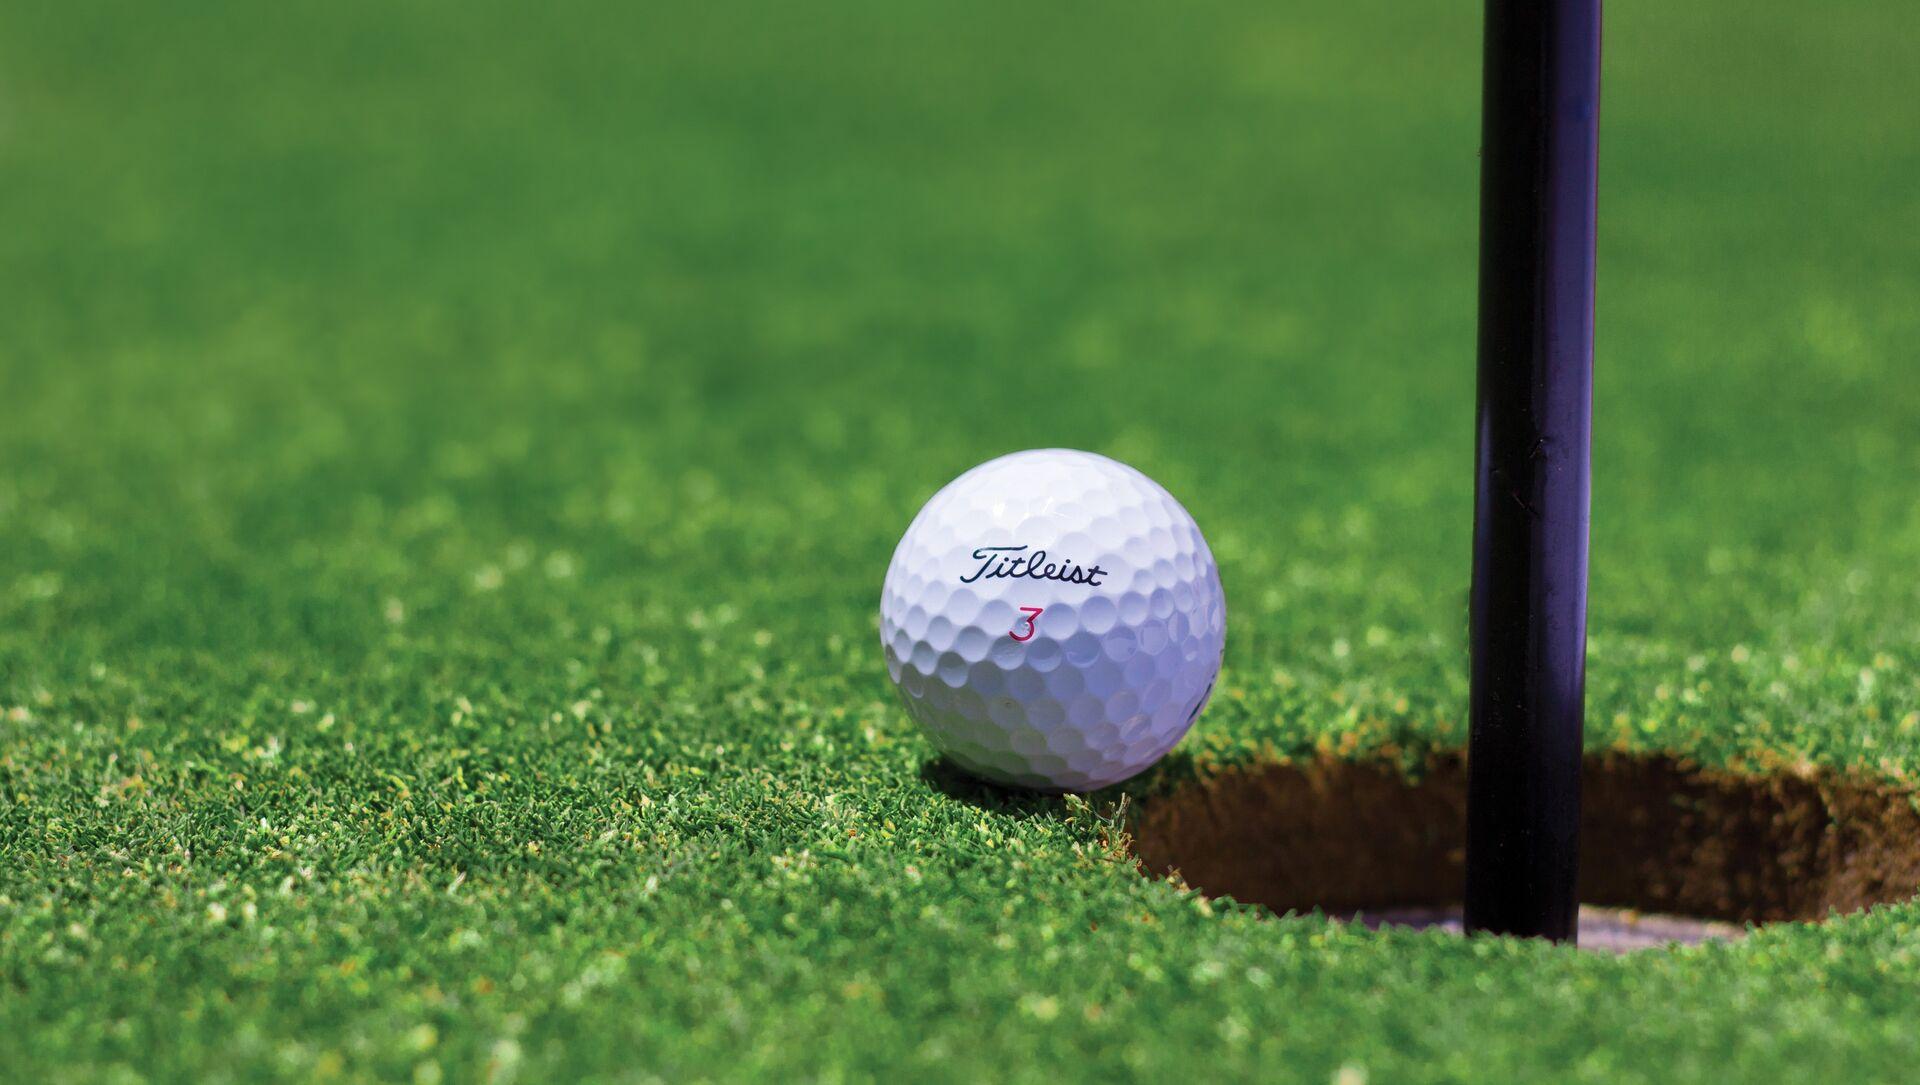 Pelota de golf - Sputnik Mundo, 1920, 11.11.2020